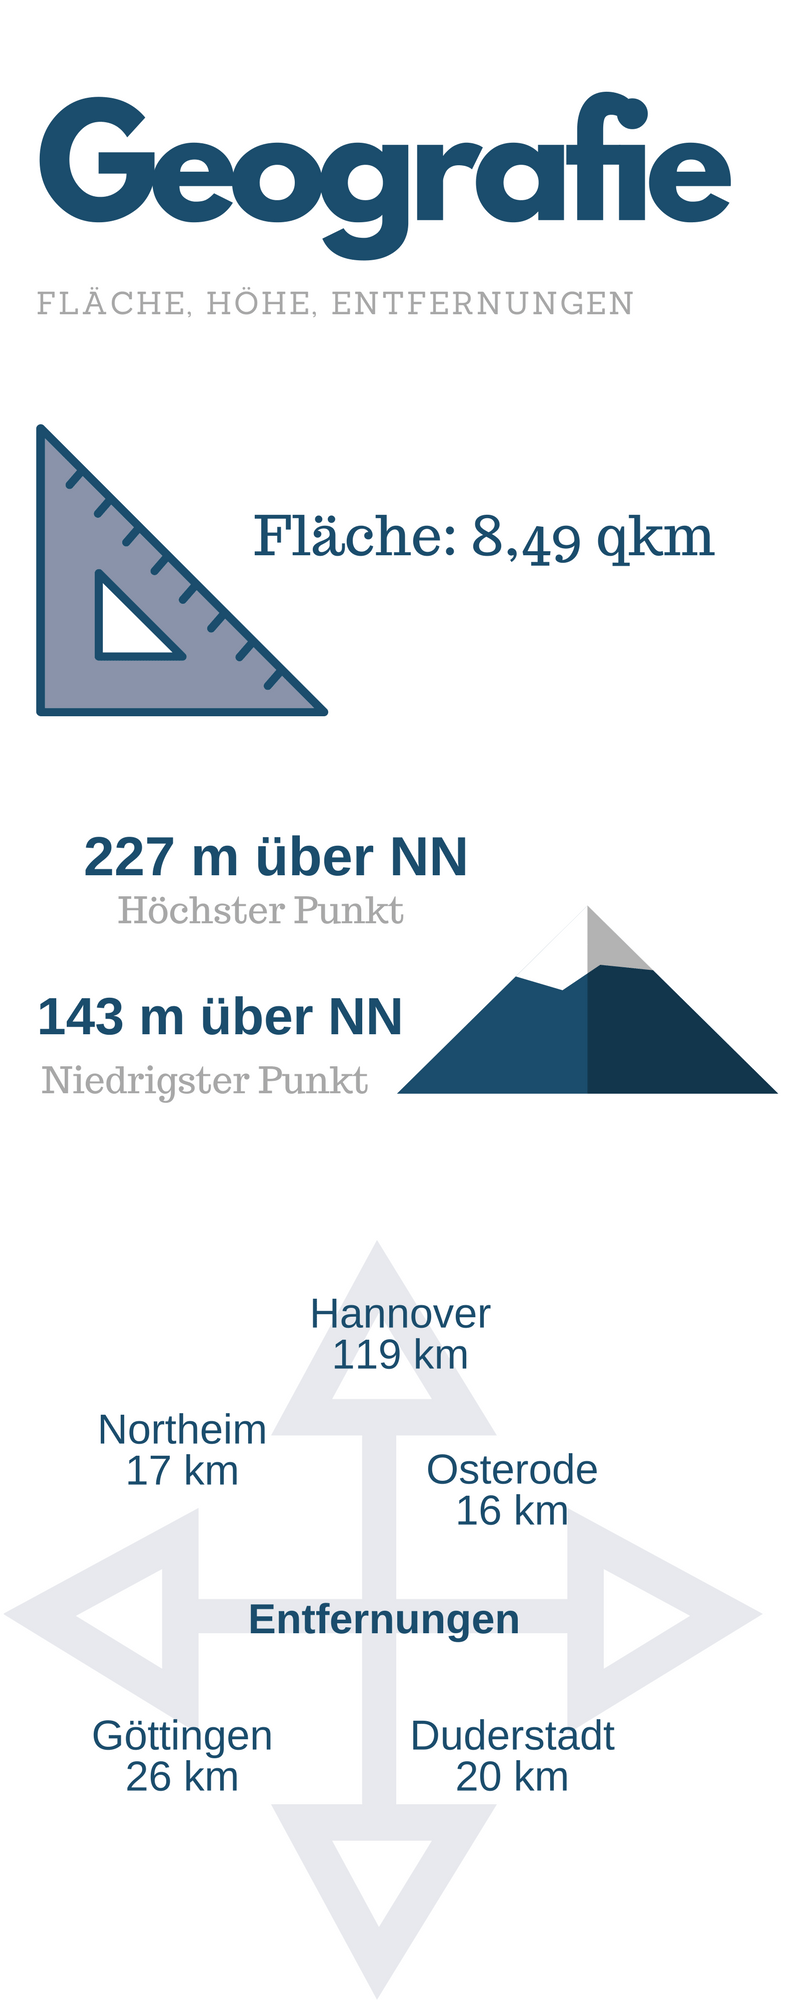 Bilshausen_Infografik9